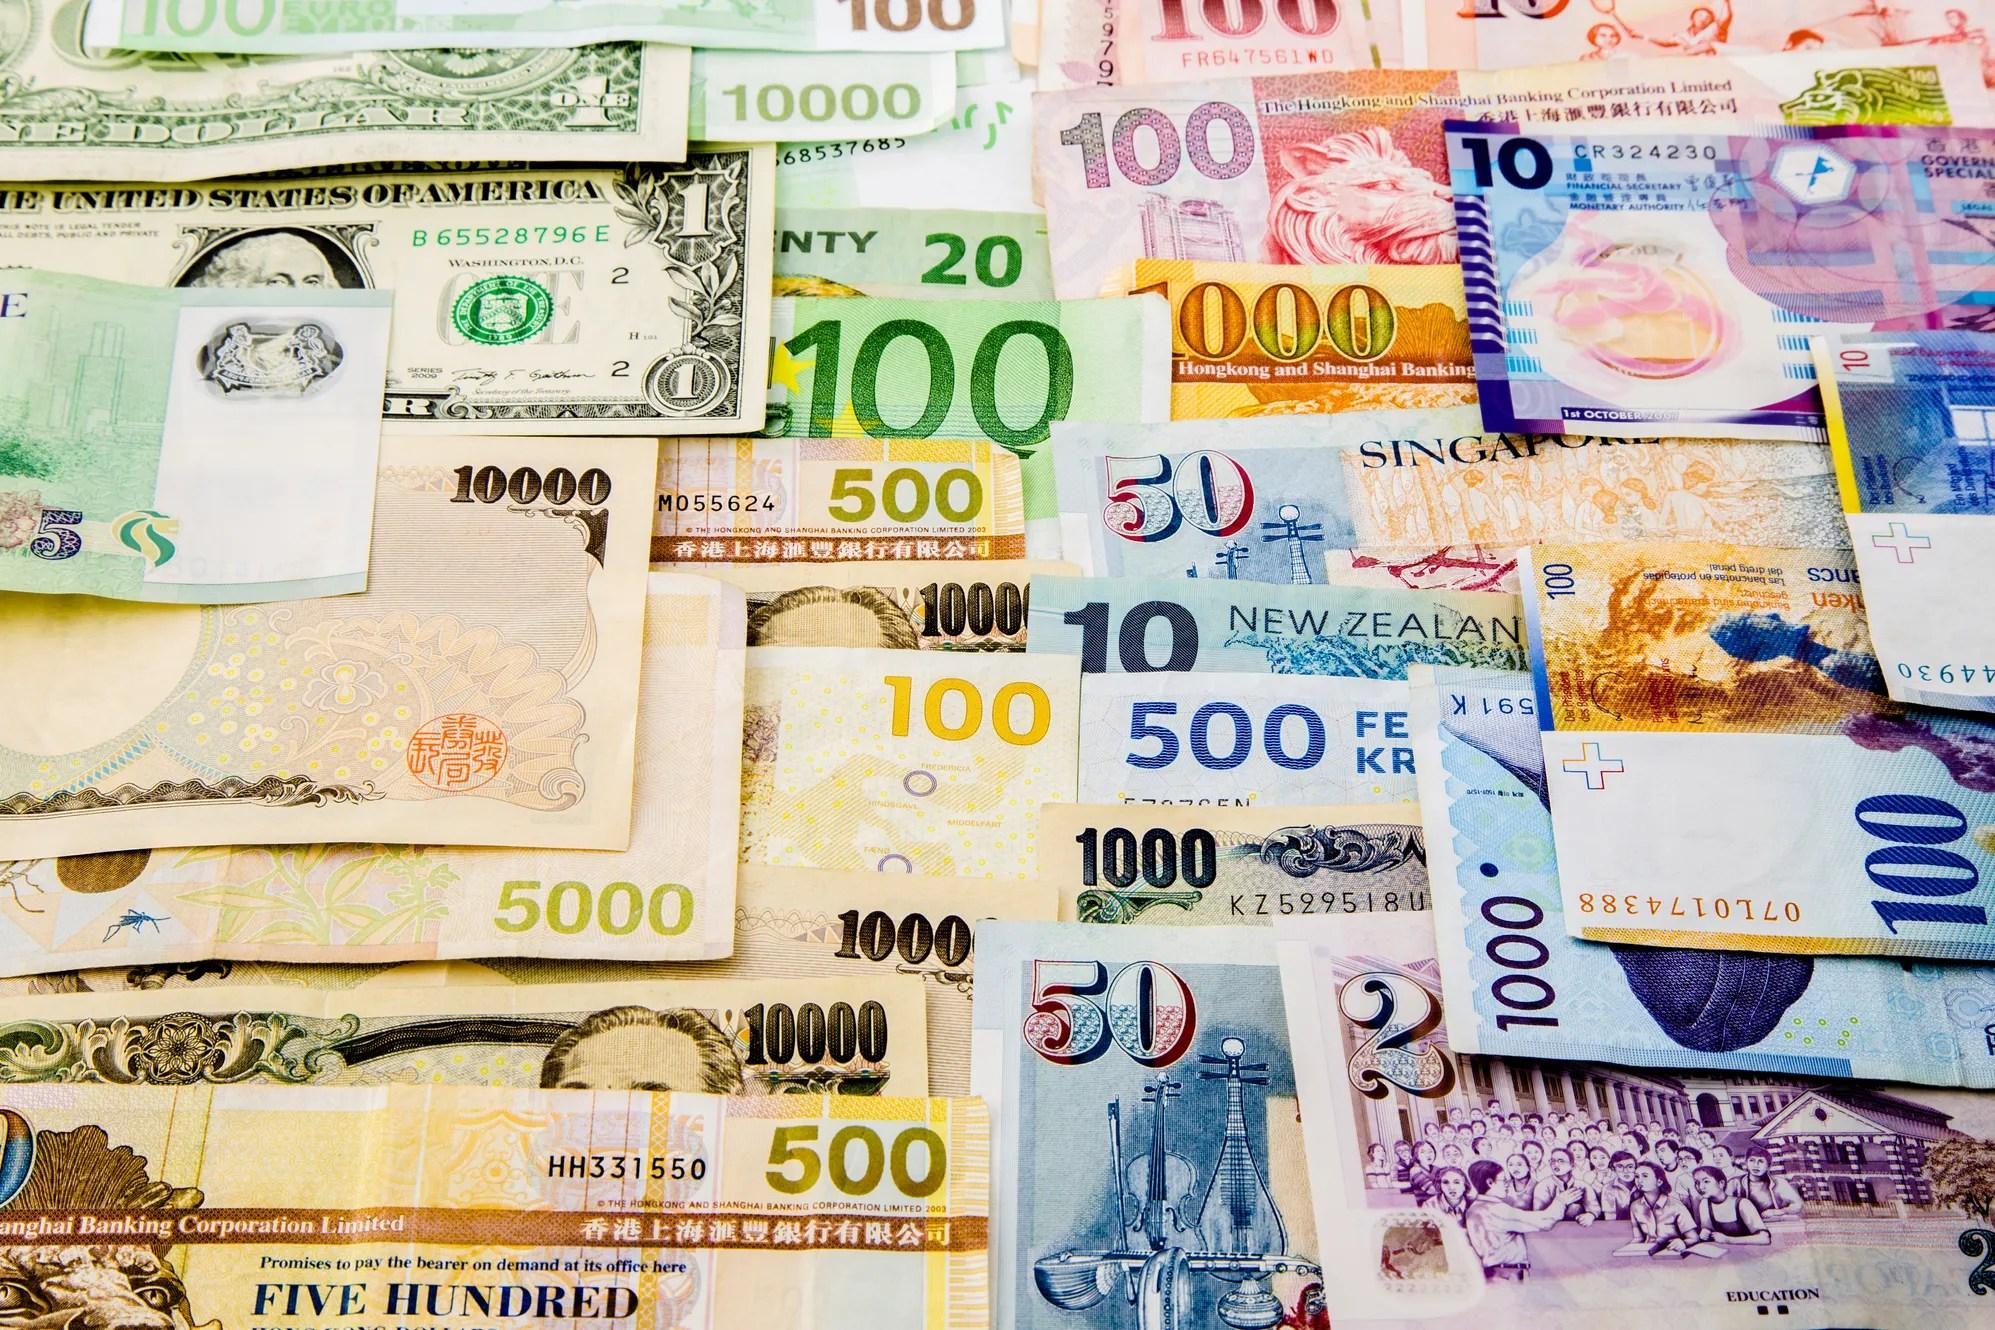 外幣換匯指南:兌換日圓、韓圜、 英鎊、歐羅的至醒「唱錢」方法 - Skyscanner香港